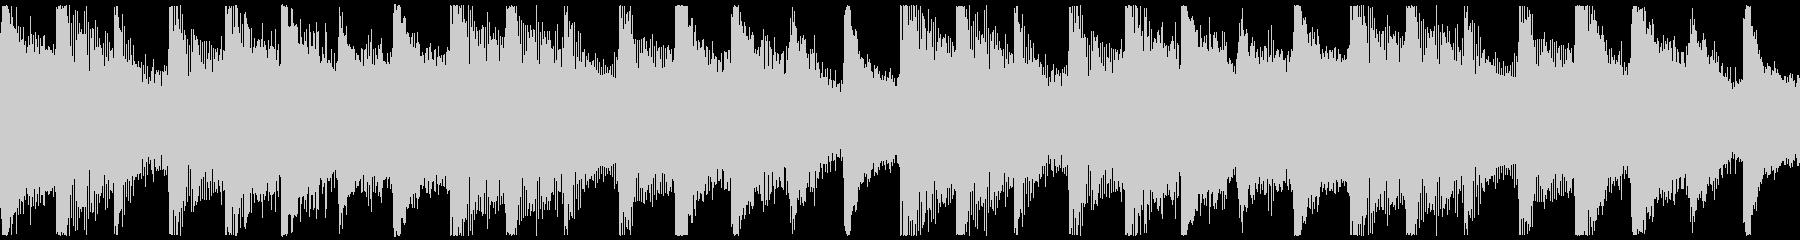 躍動感,オシャレCM、ループ2の未再生の波形